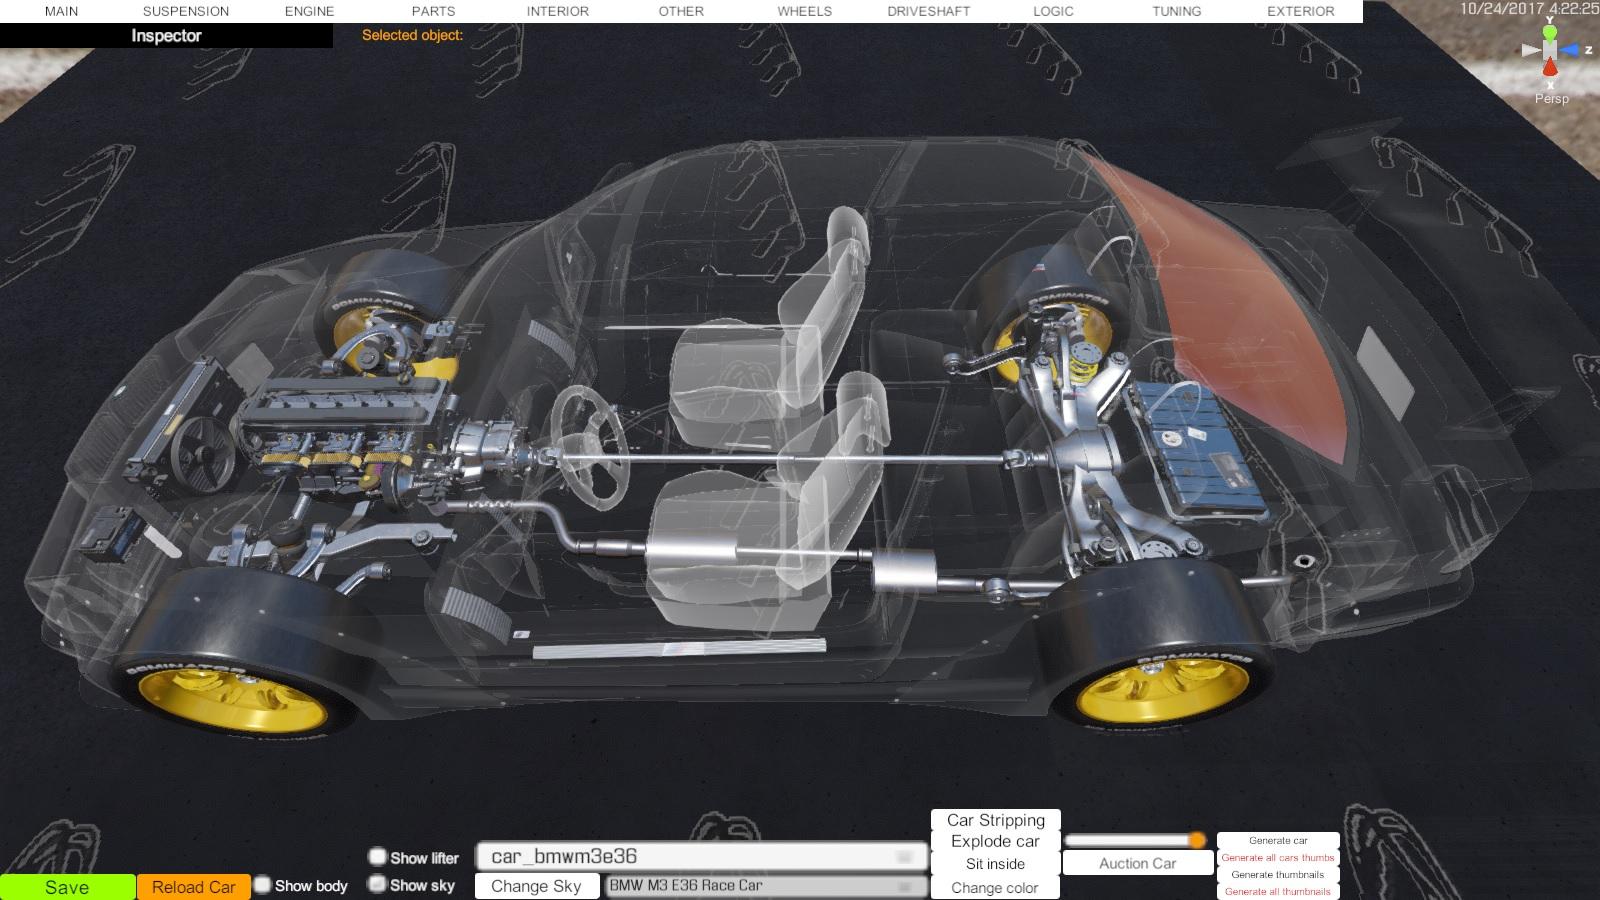 Car Mechanic Simulator 2018 Mods Mods For Games >> CORRECTED BMW M3 E36 - CMS 2018 Cars - Car Mechanic ...